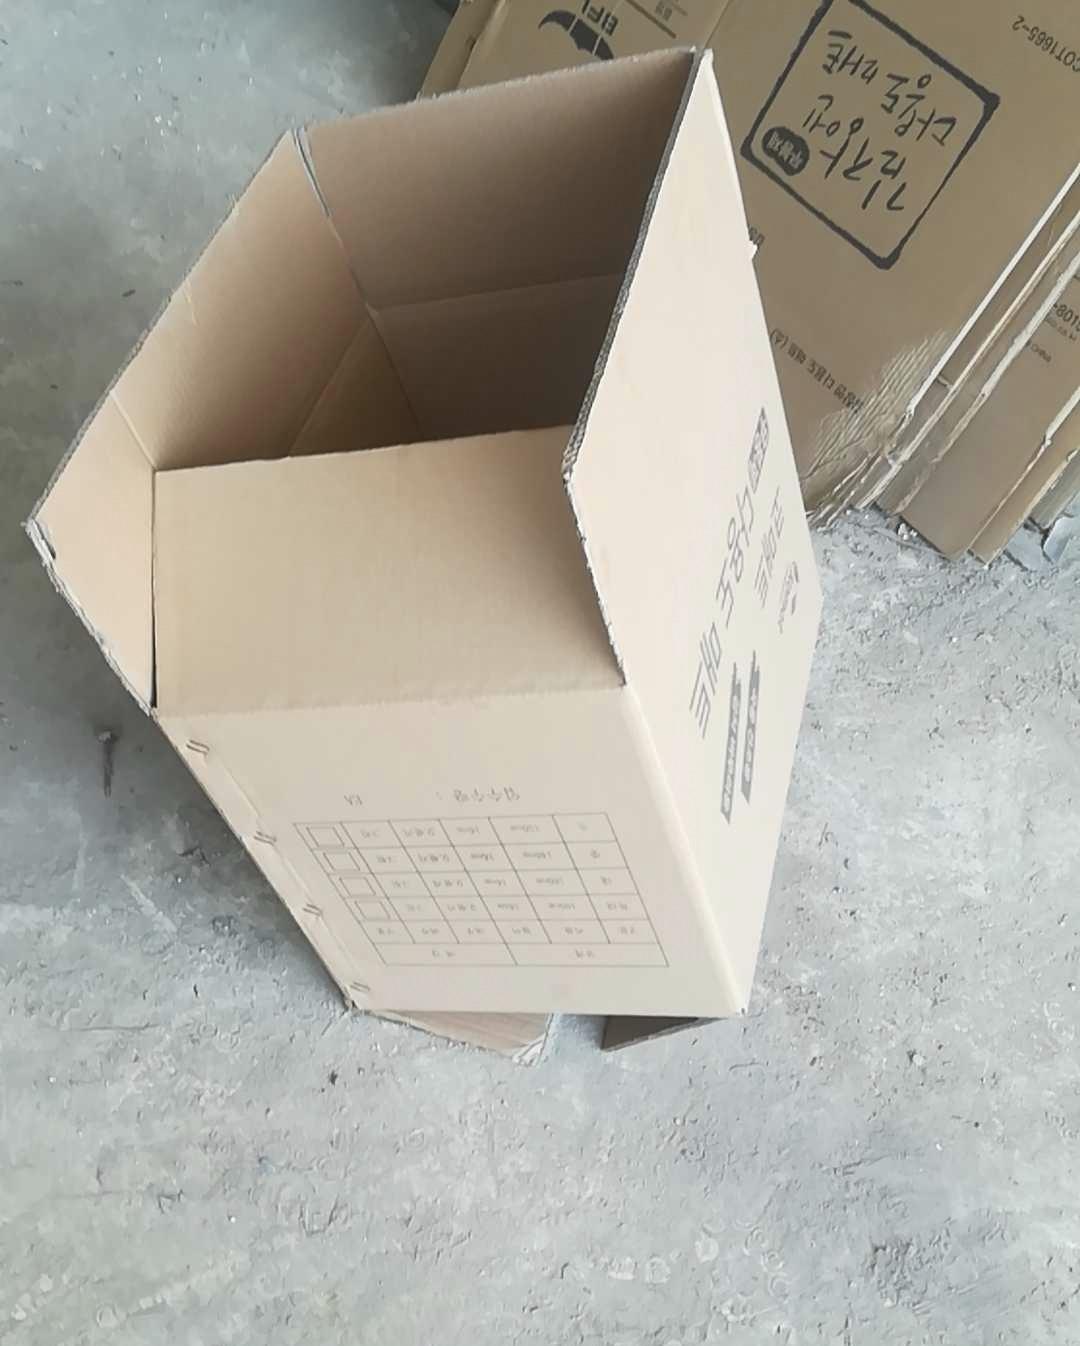 1000个纸箱库存处理